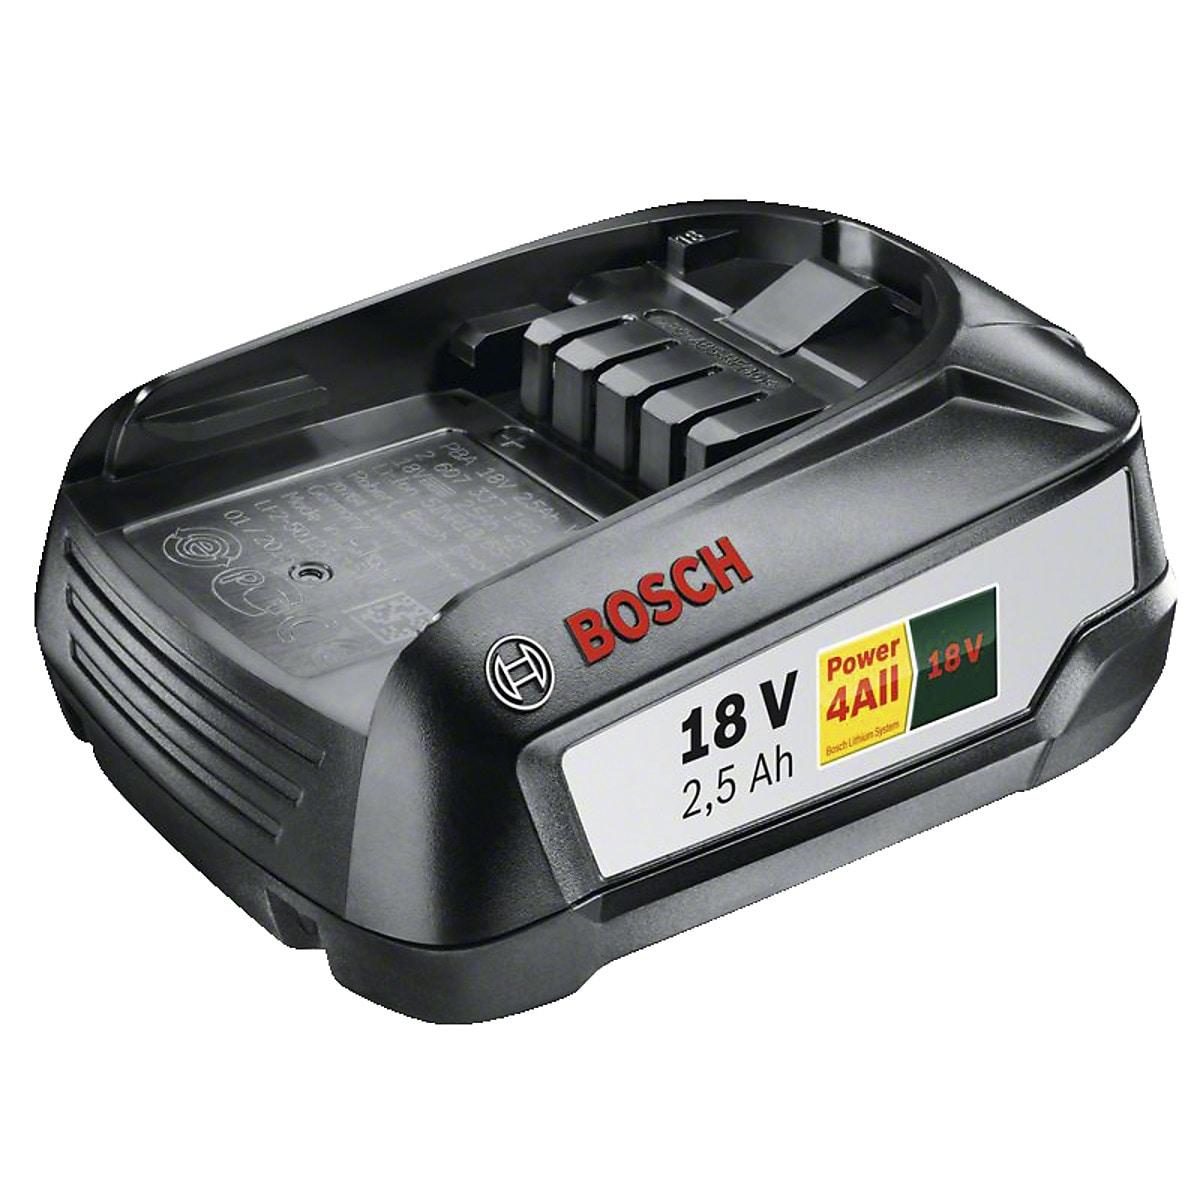 Batteri Bosch 18 V 25 Ah W-B